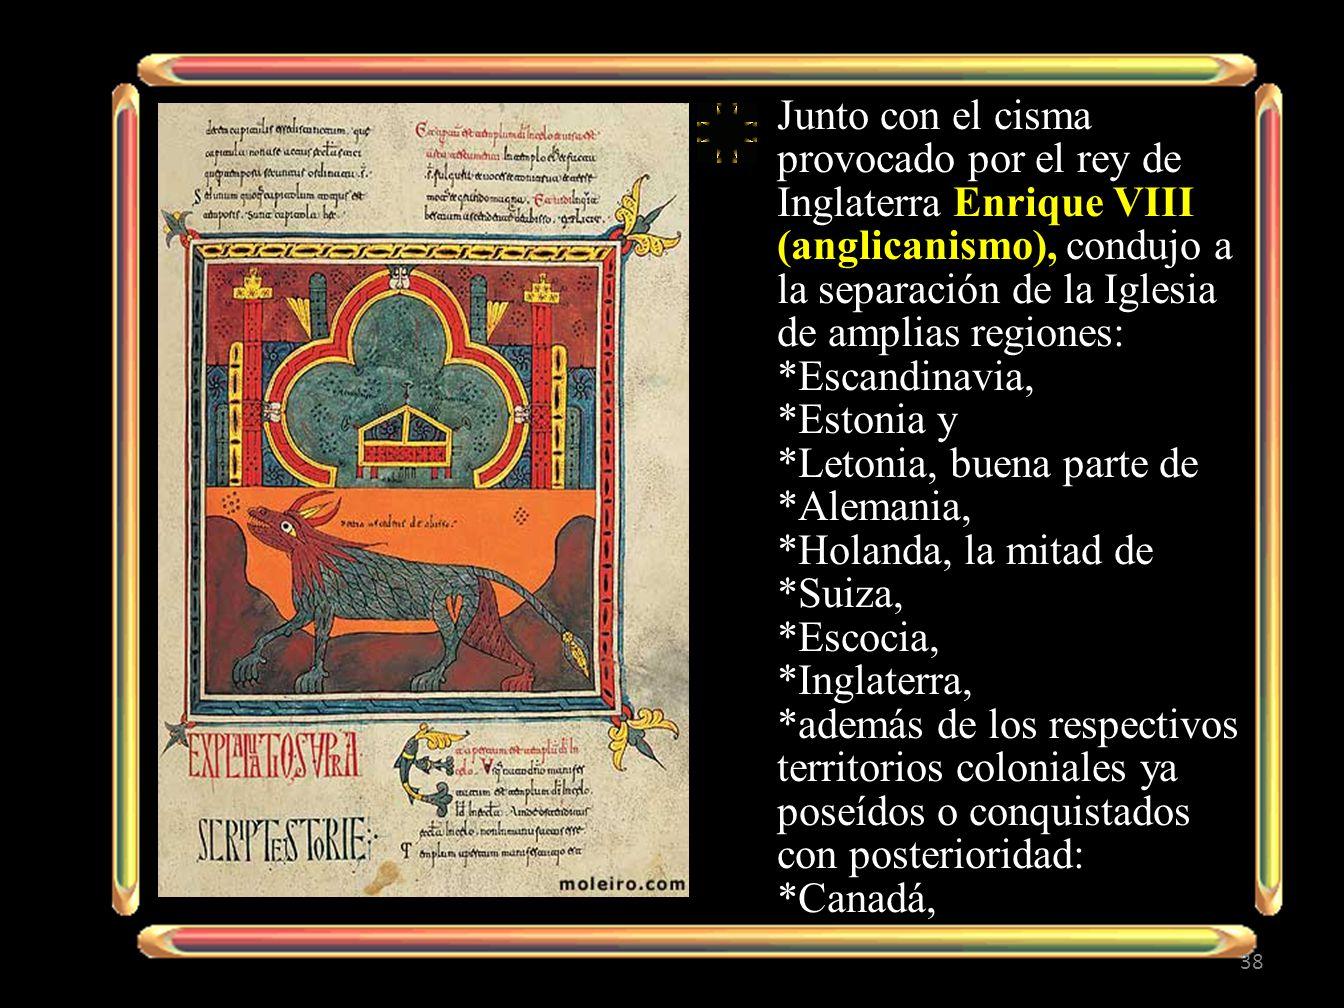 Junto con el cisma provocado por el rey de Inglaterra Enrique VIII (anglicanismo), condujo a la separación de la Iglesia de amplias regiones: *Escandi